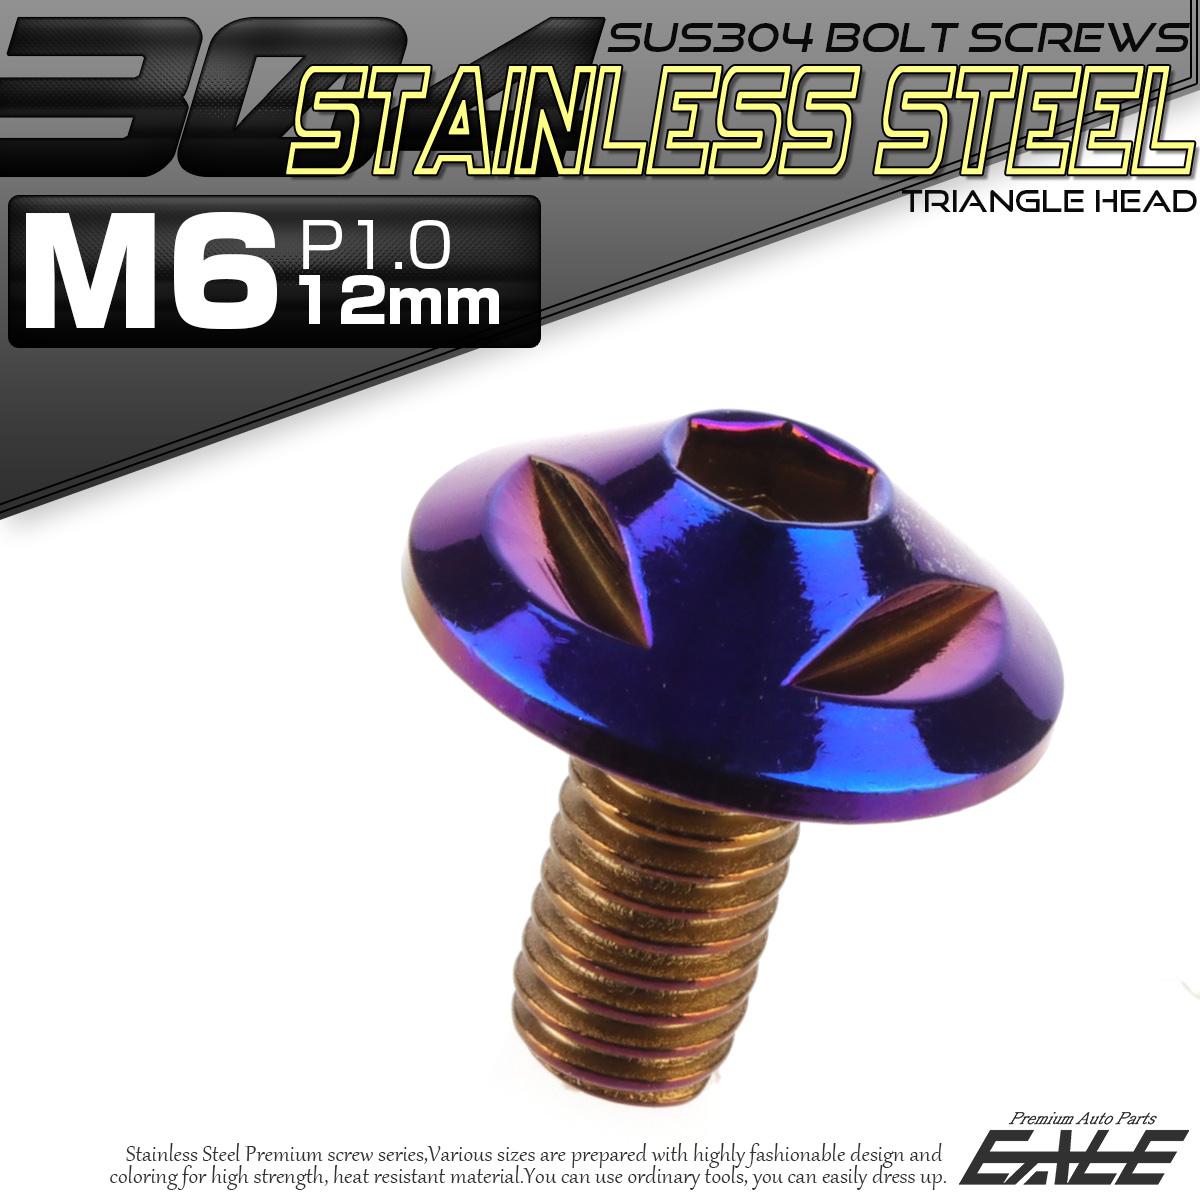 【ネコポス可】 SUS304 フランジ付 ボタンボルト M6×12mm P1.0 六角穴  焼きチタン トライアングルヘッド ステンレス製  TR0163